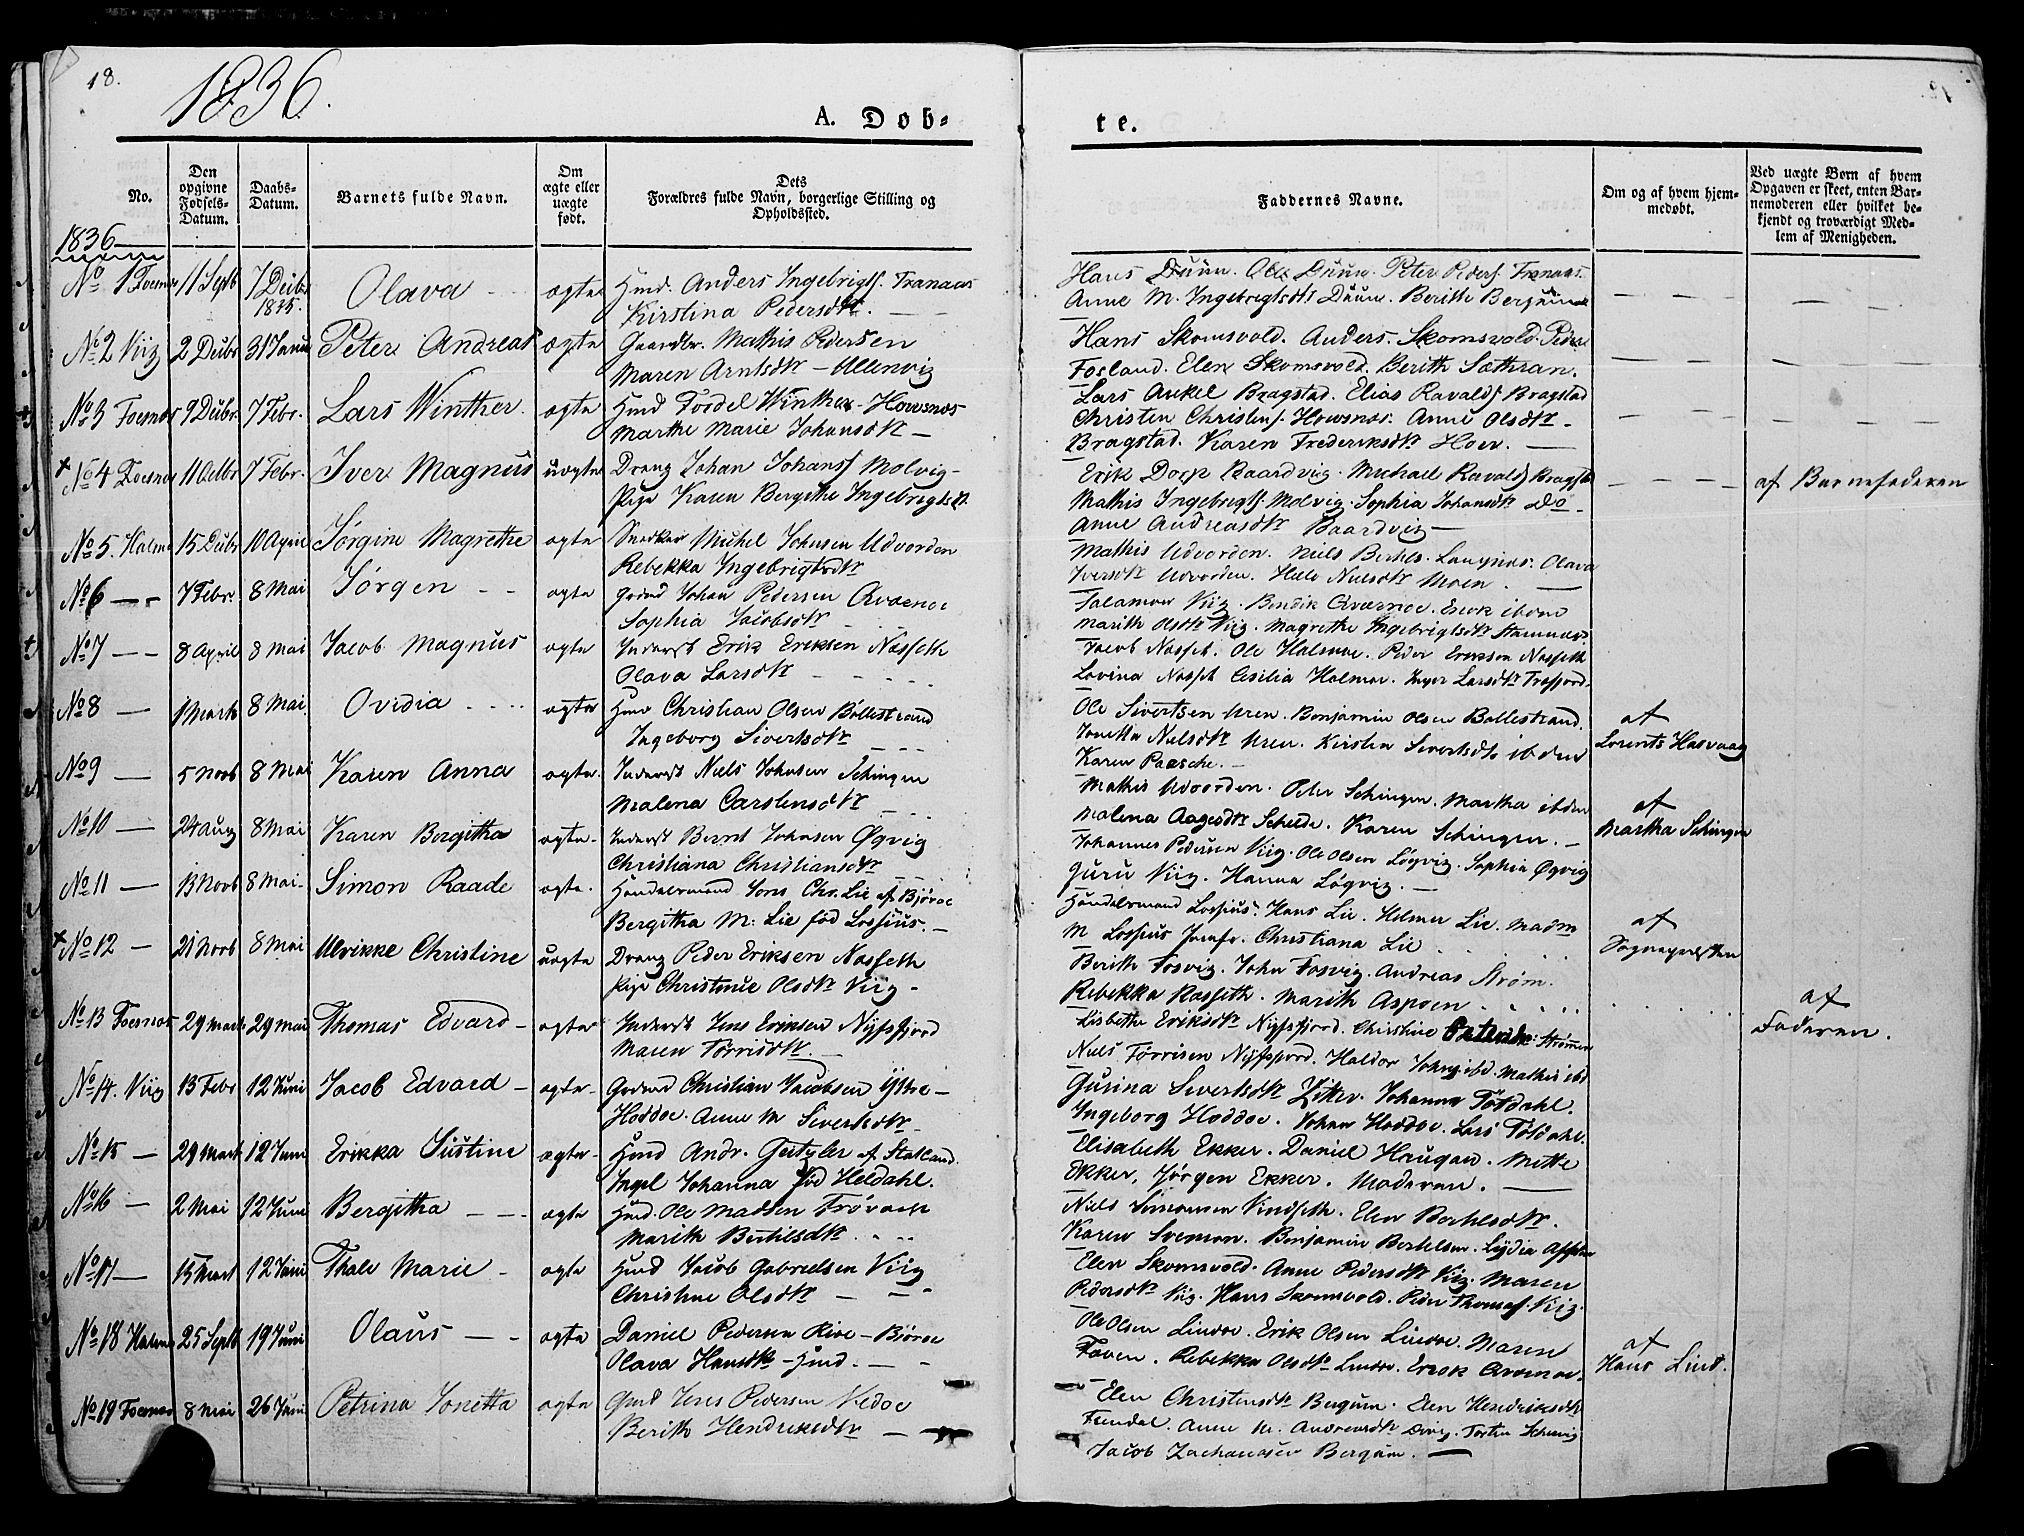 SAT, Ministerialprotokoller, klokkerbøker og fødselsregistre - Nord-Trøndelag, 773/L0614: Ministerialbok nr. 773A05, 1831-1856, s. 18